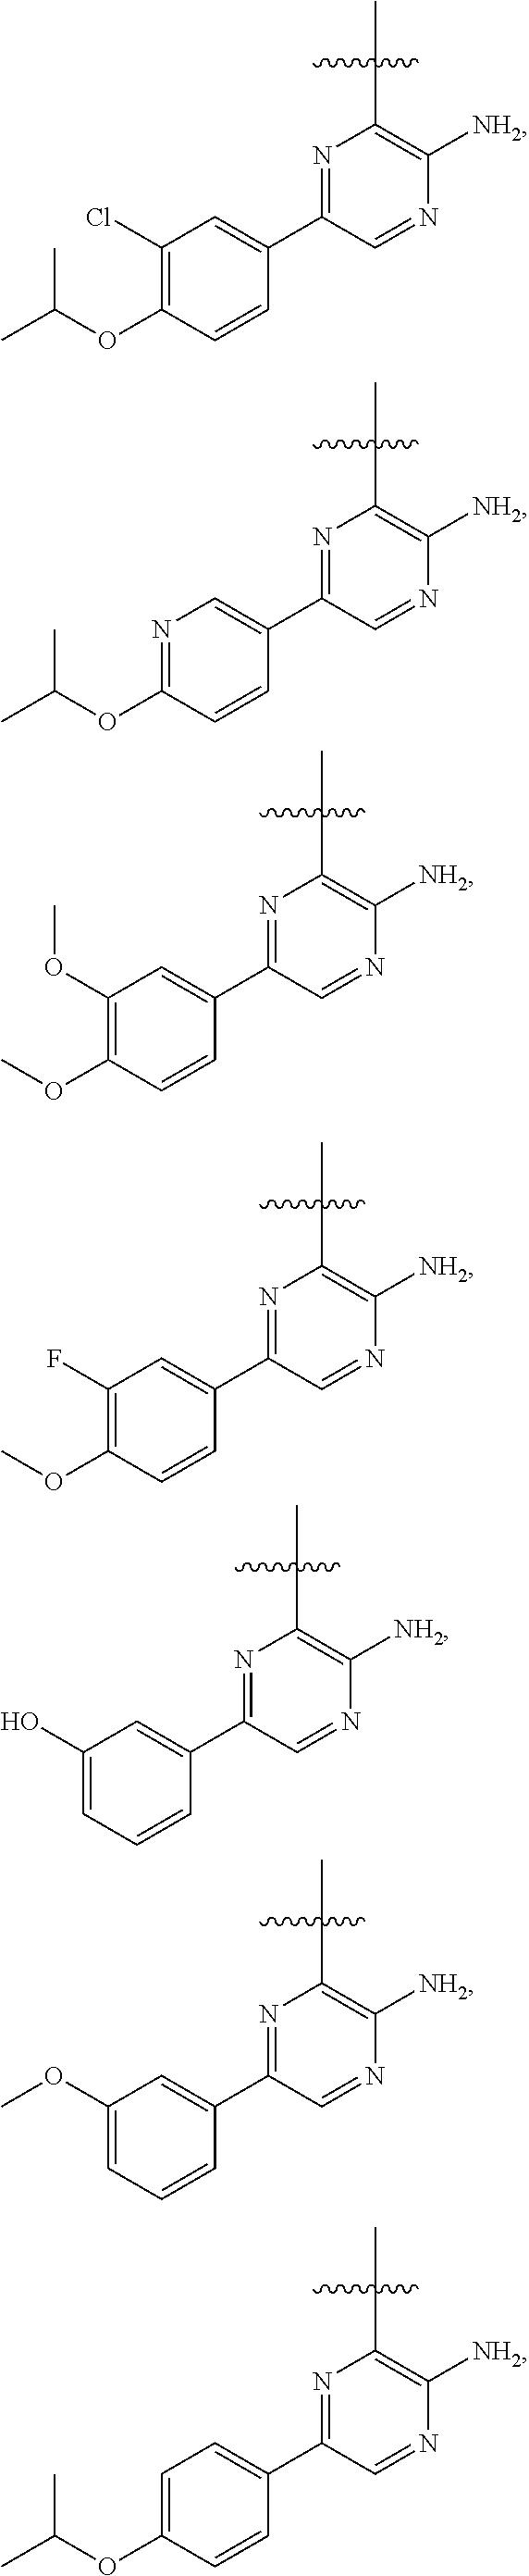 Figure US08940742-20150127-C00035